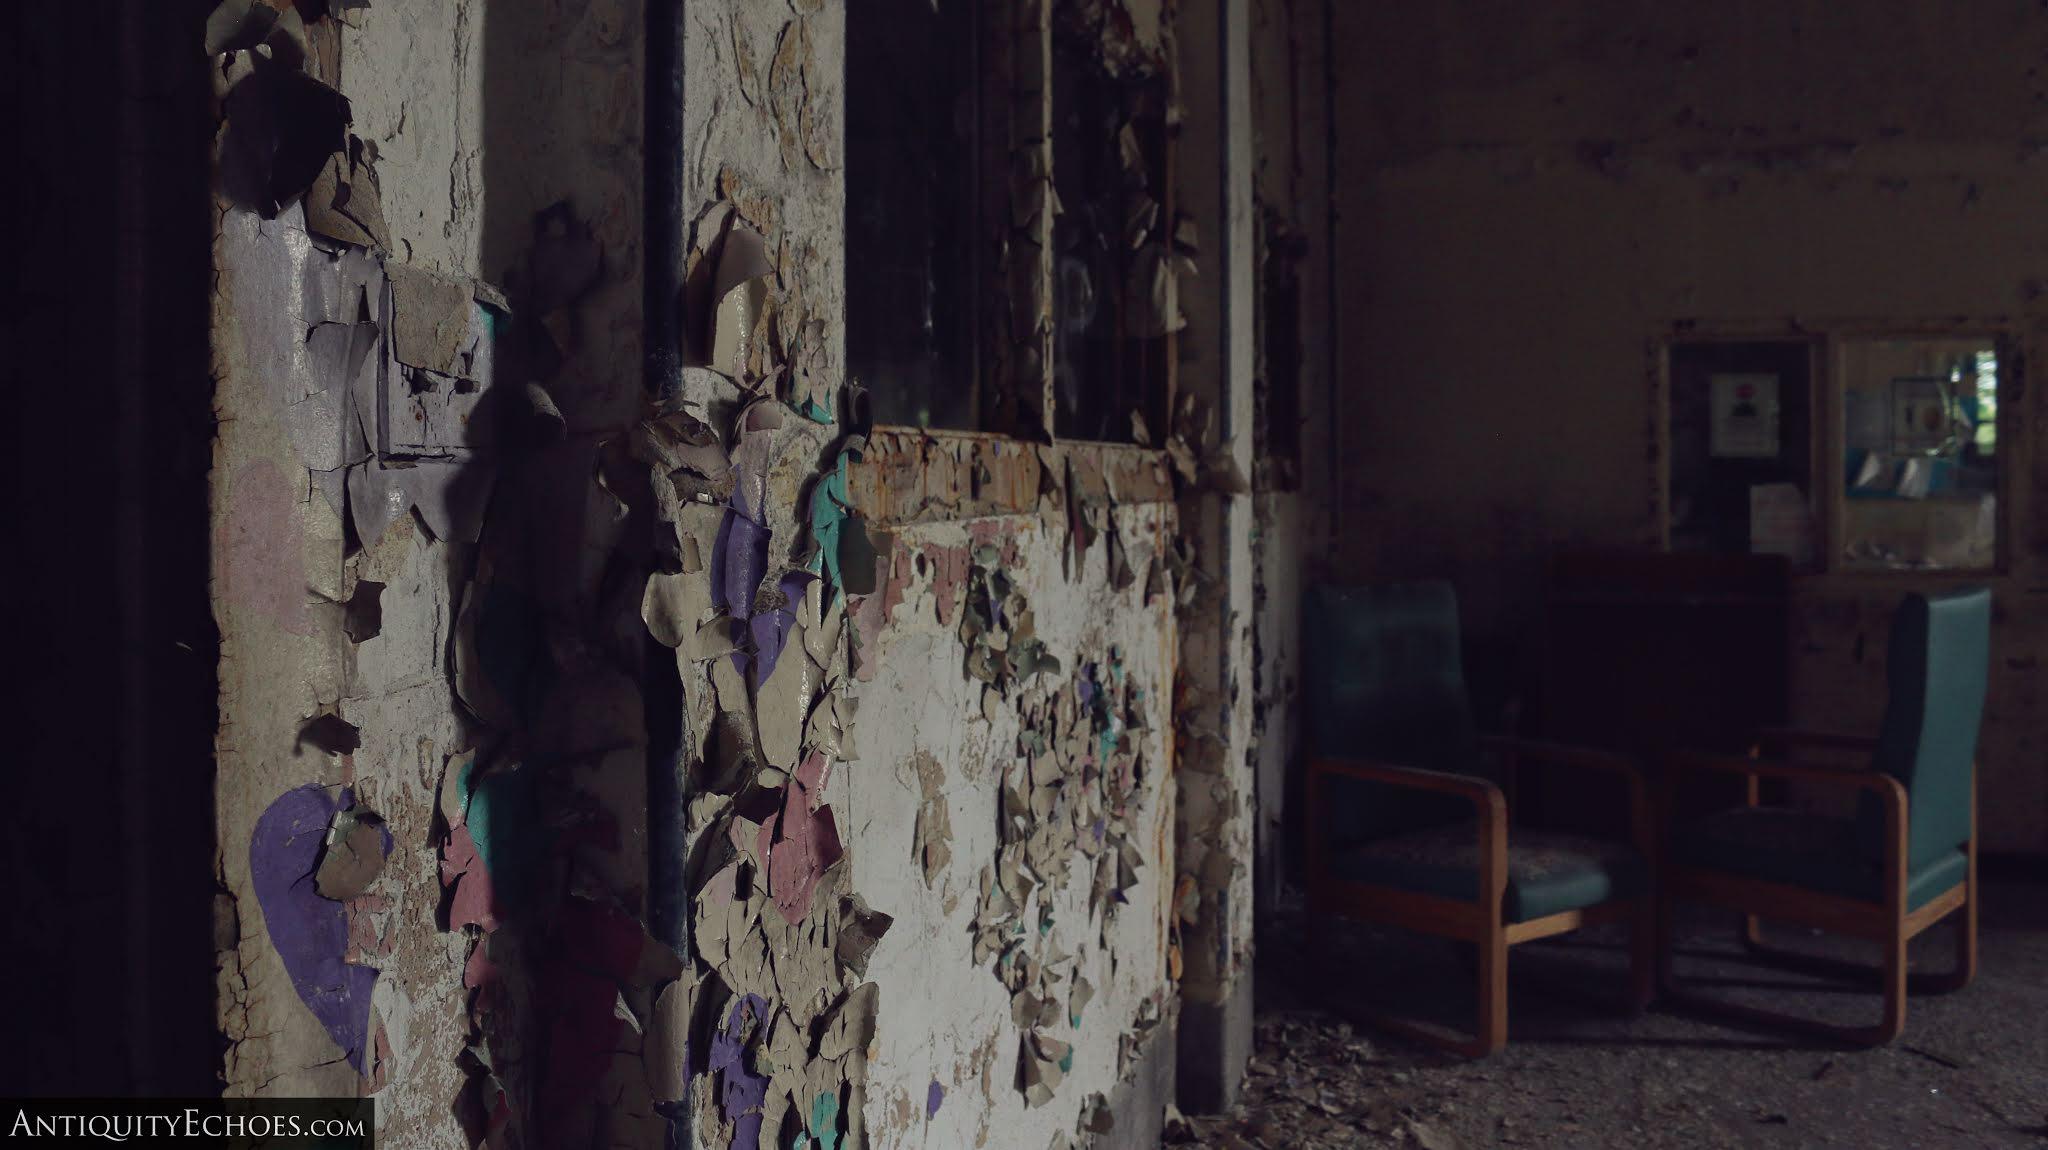 Overbrook Asylum - Heavy Peeling